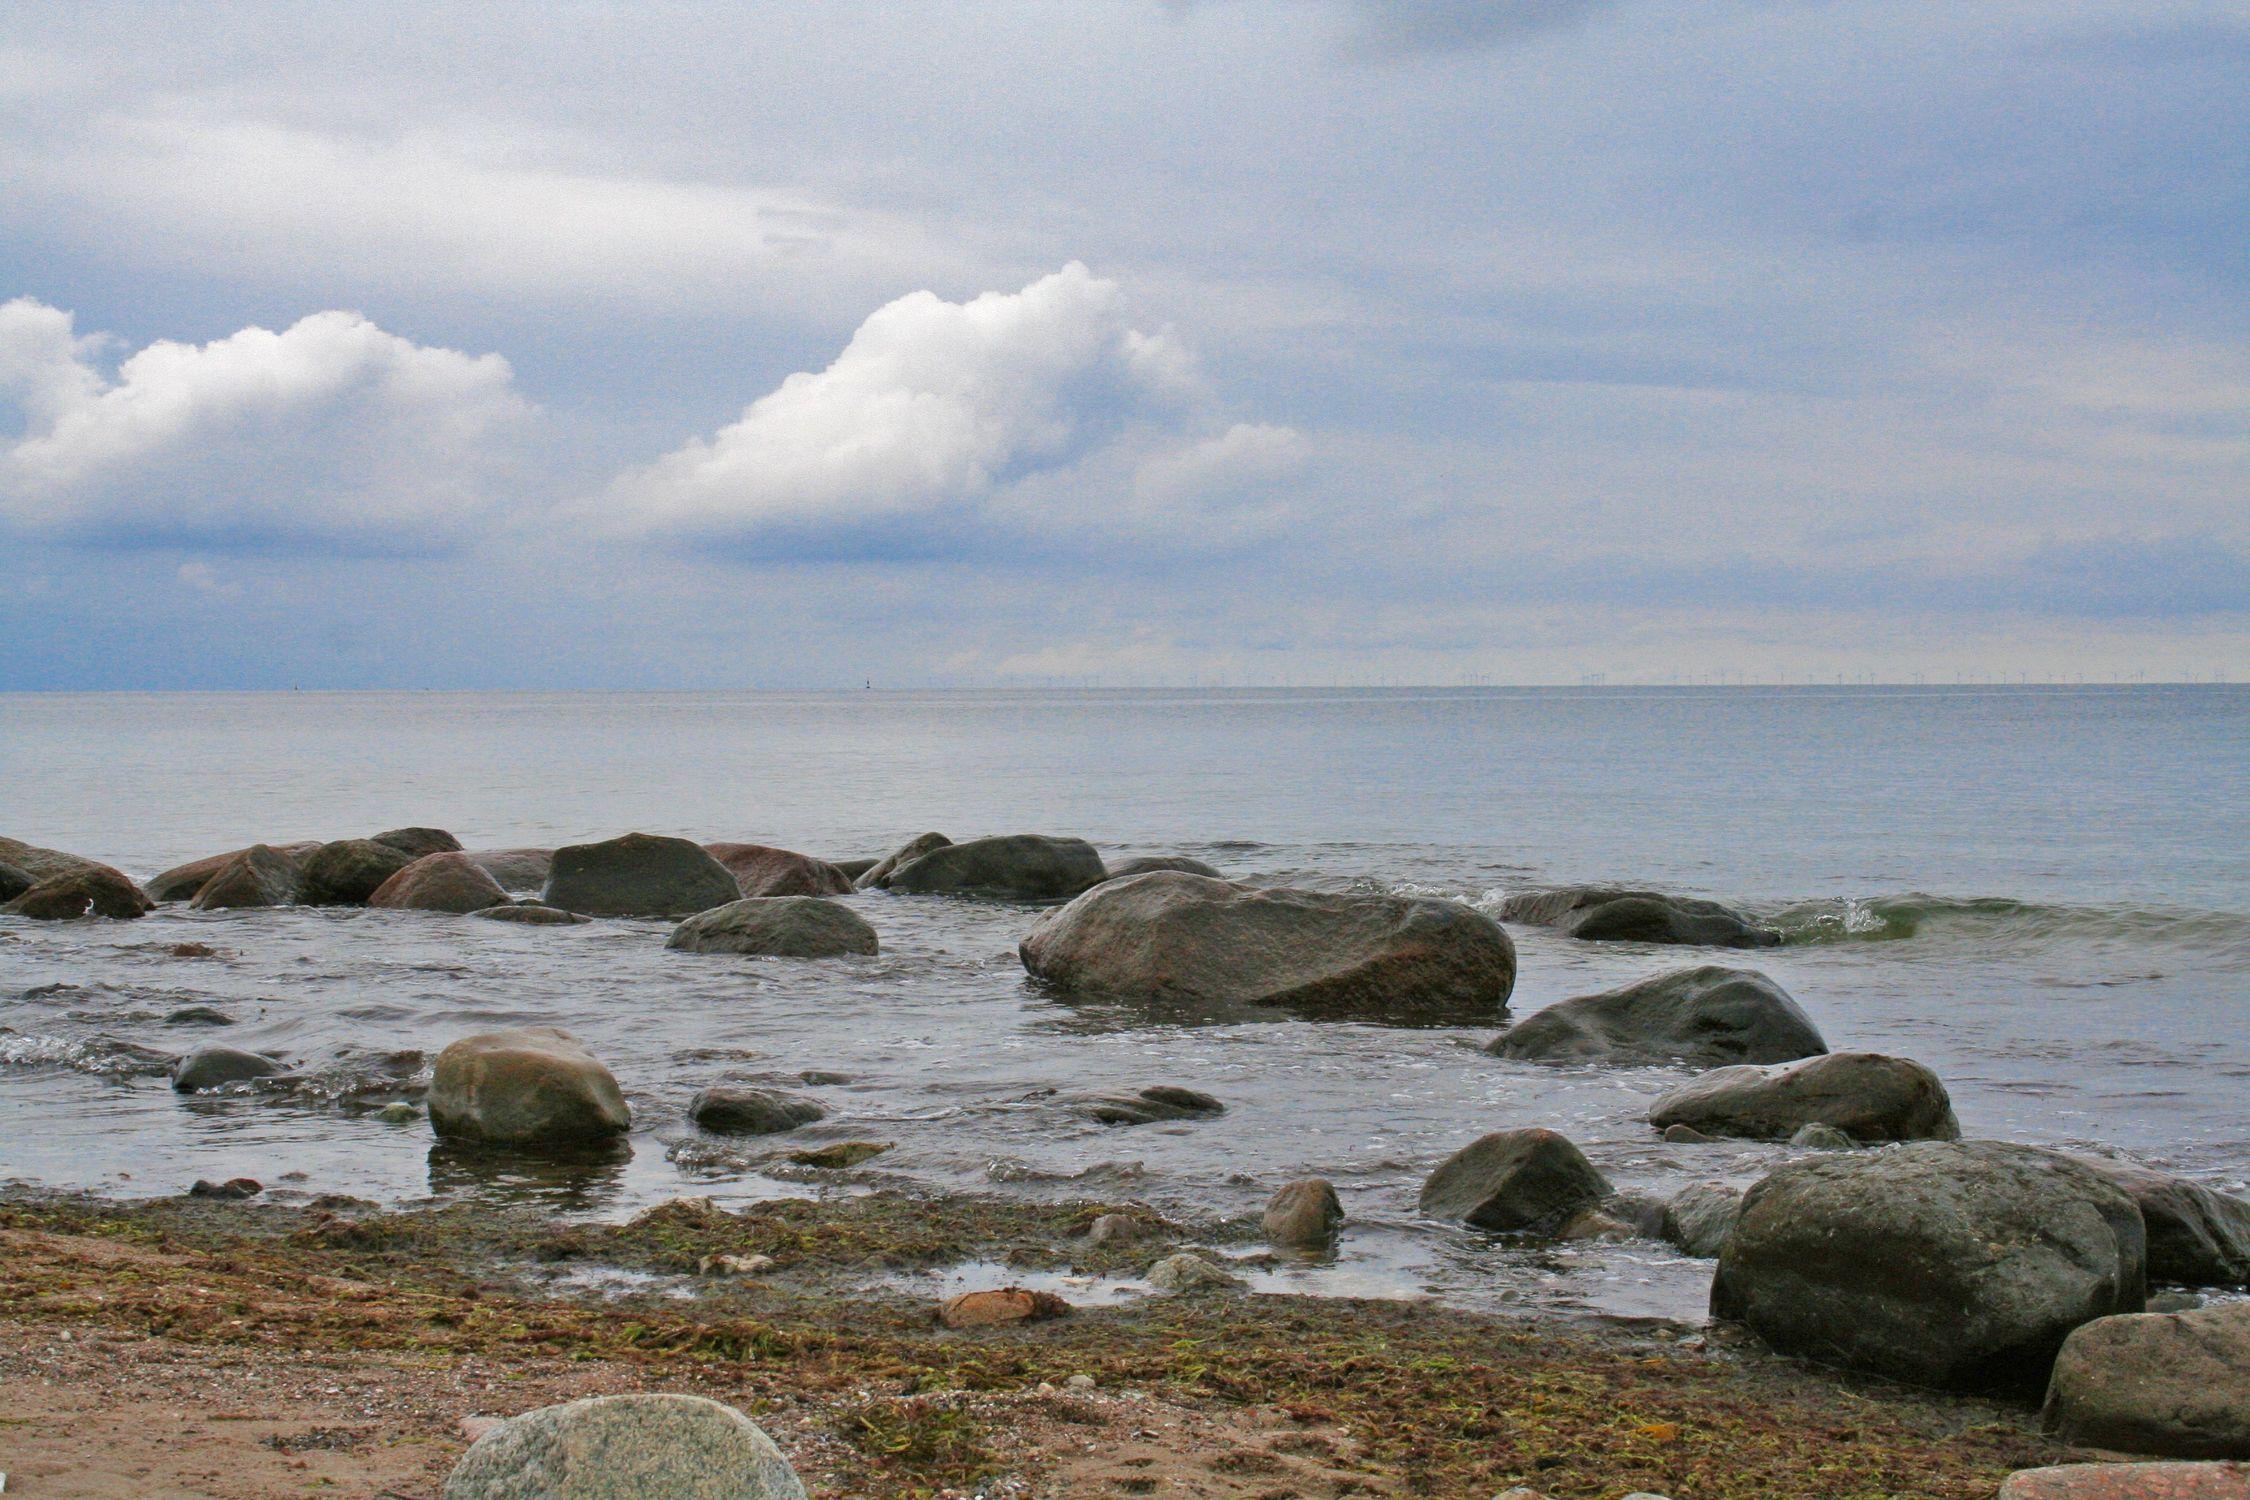 Bild mit Natur, Landschaften, Himmel, Wolken, Gewässer, Küsten und Ufer, Felsen, Meere, Strände, Horizont, Brandung, Wellen, Buchten